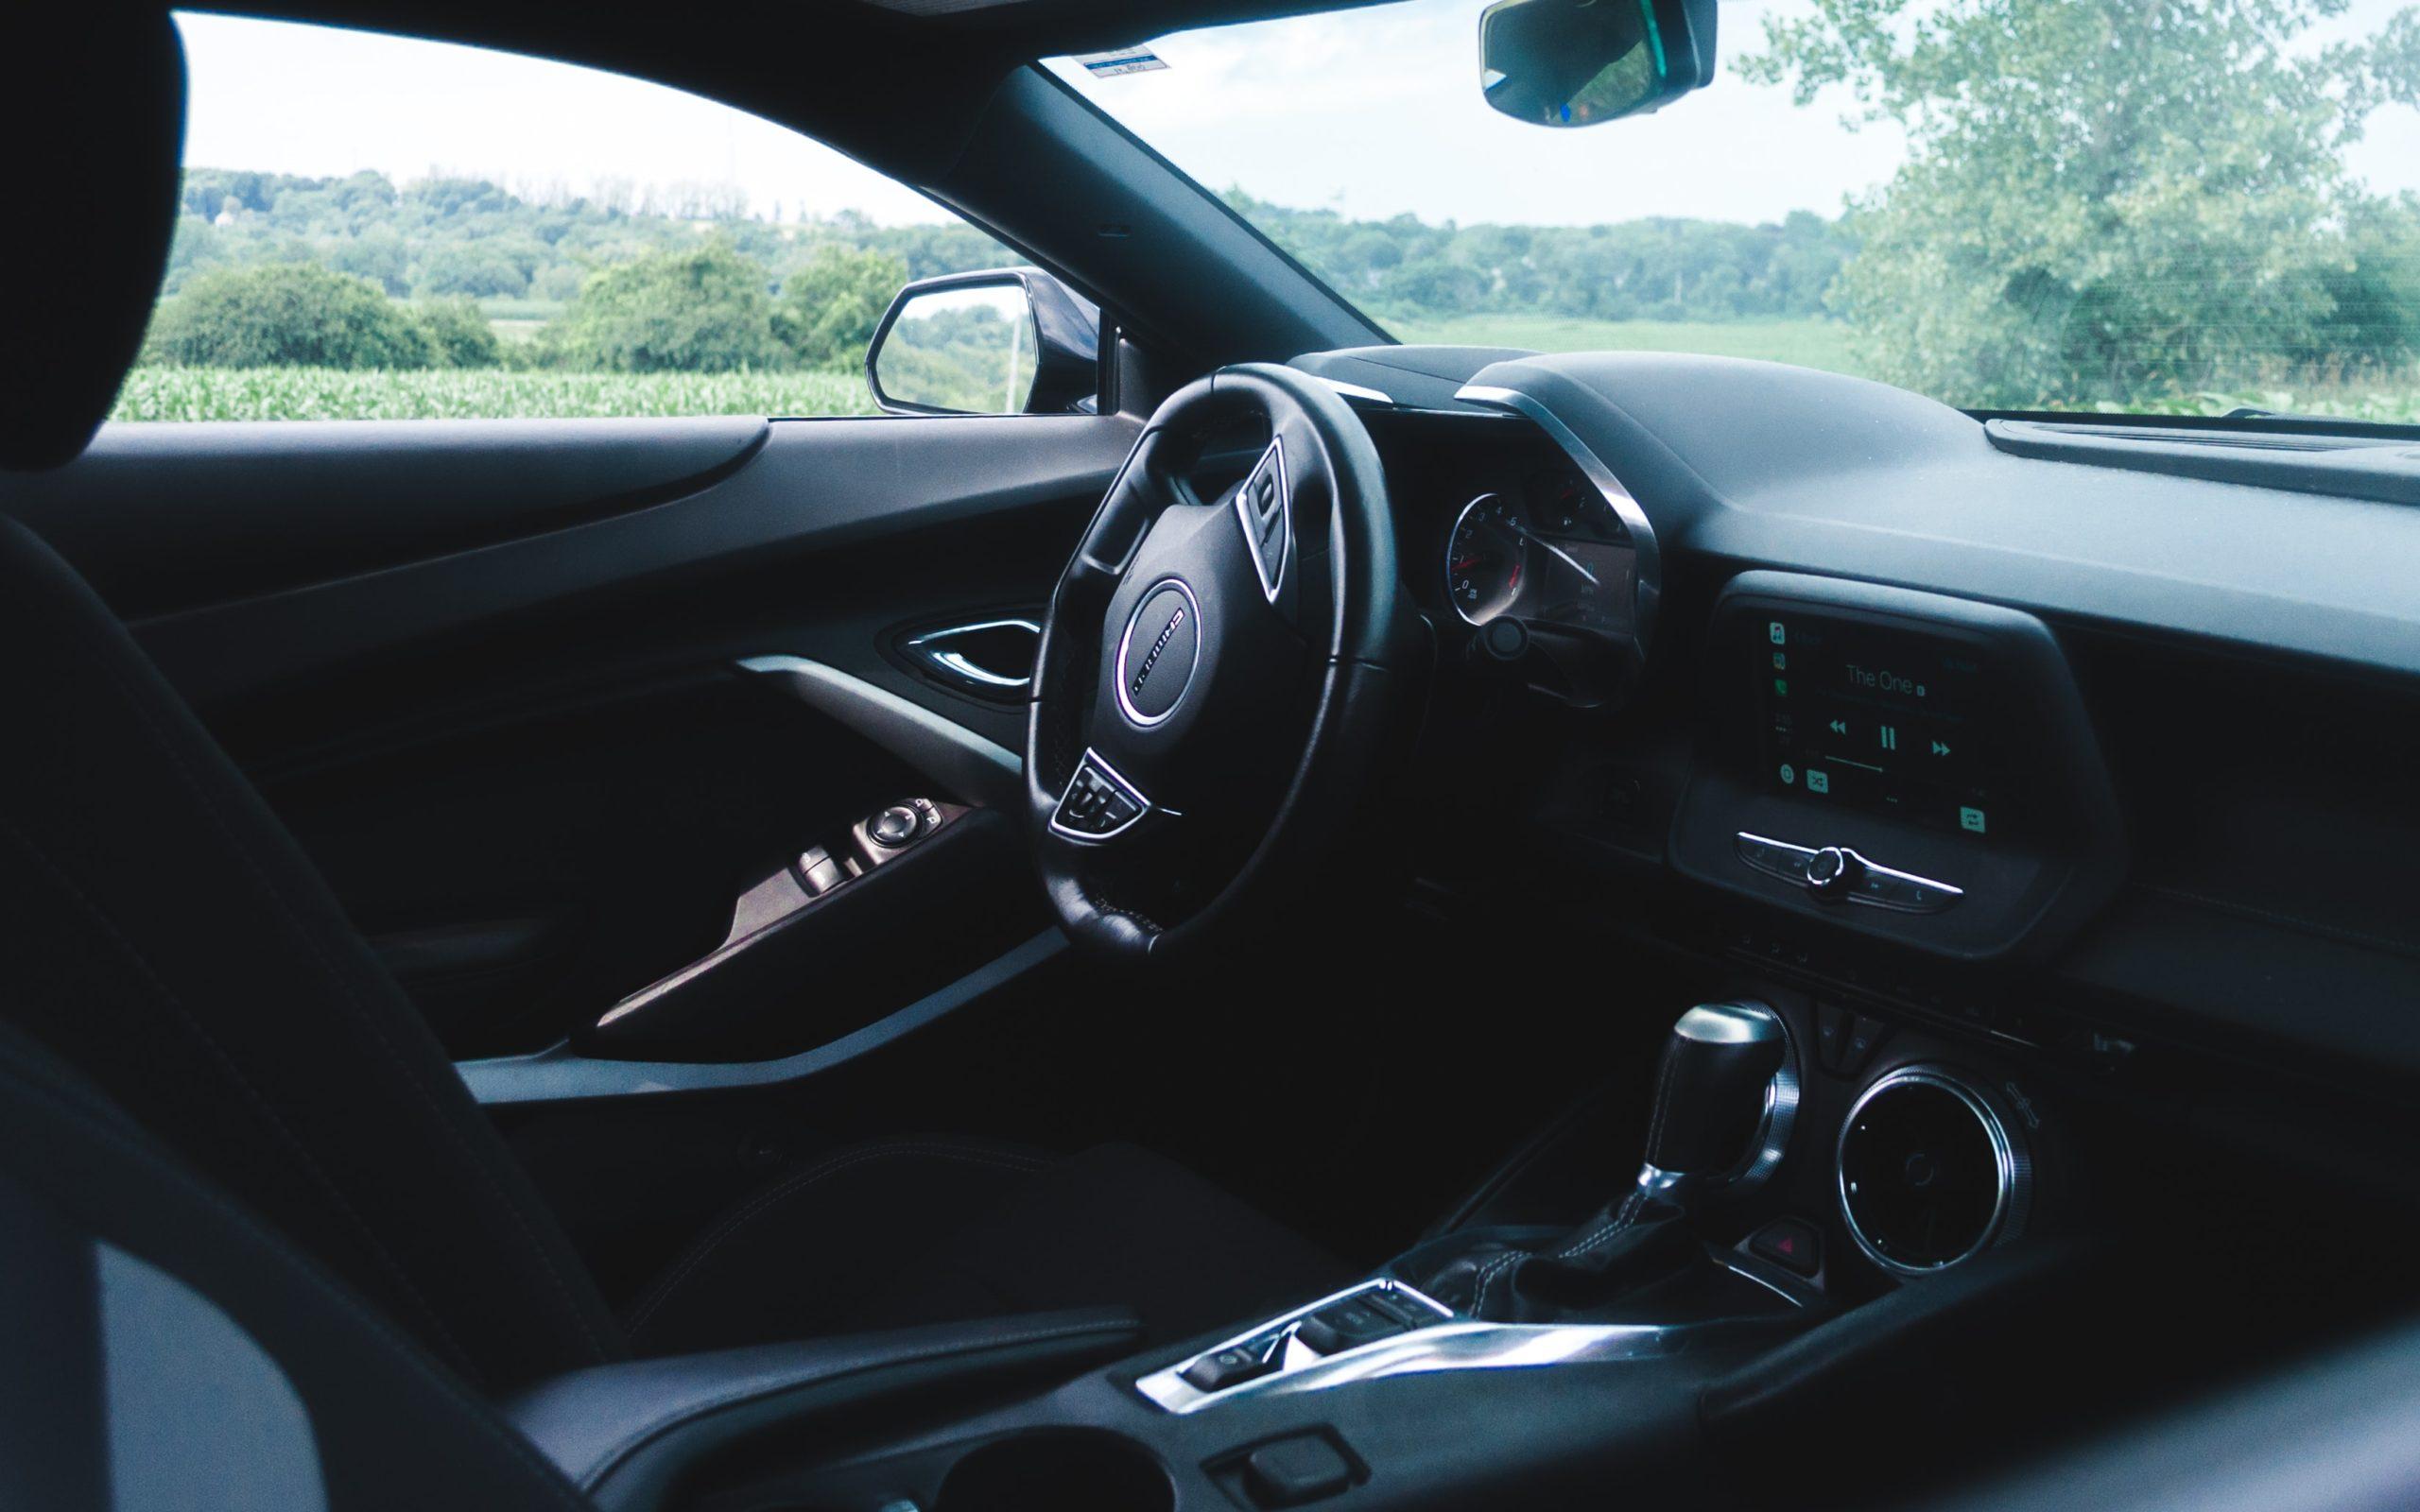 車中での暇つぶしや待ち時間の過ごし方のおすすめは?